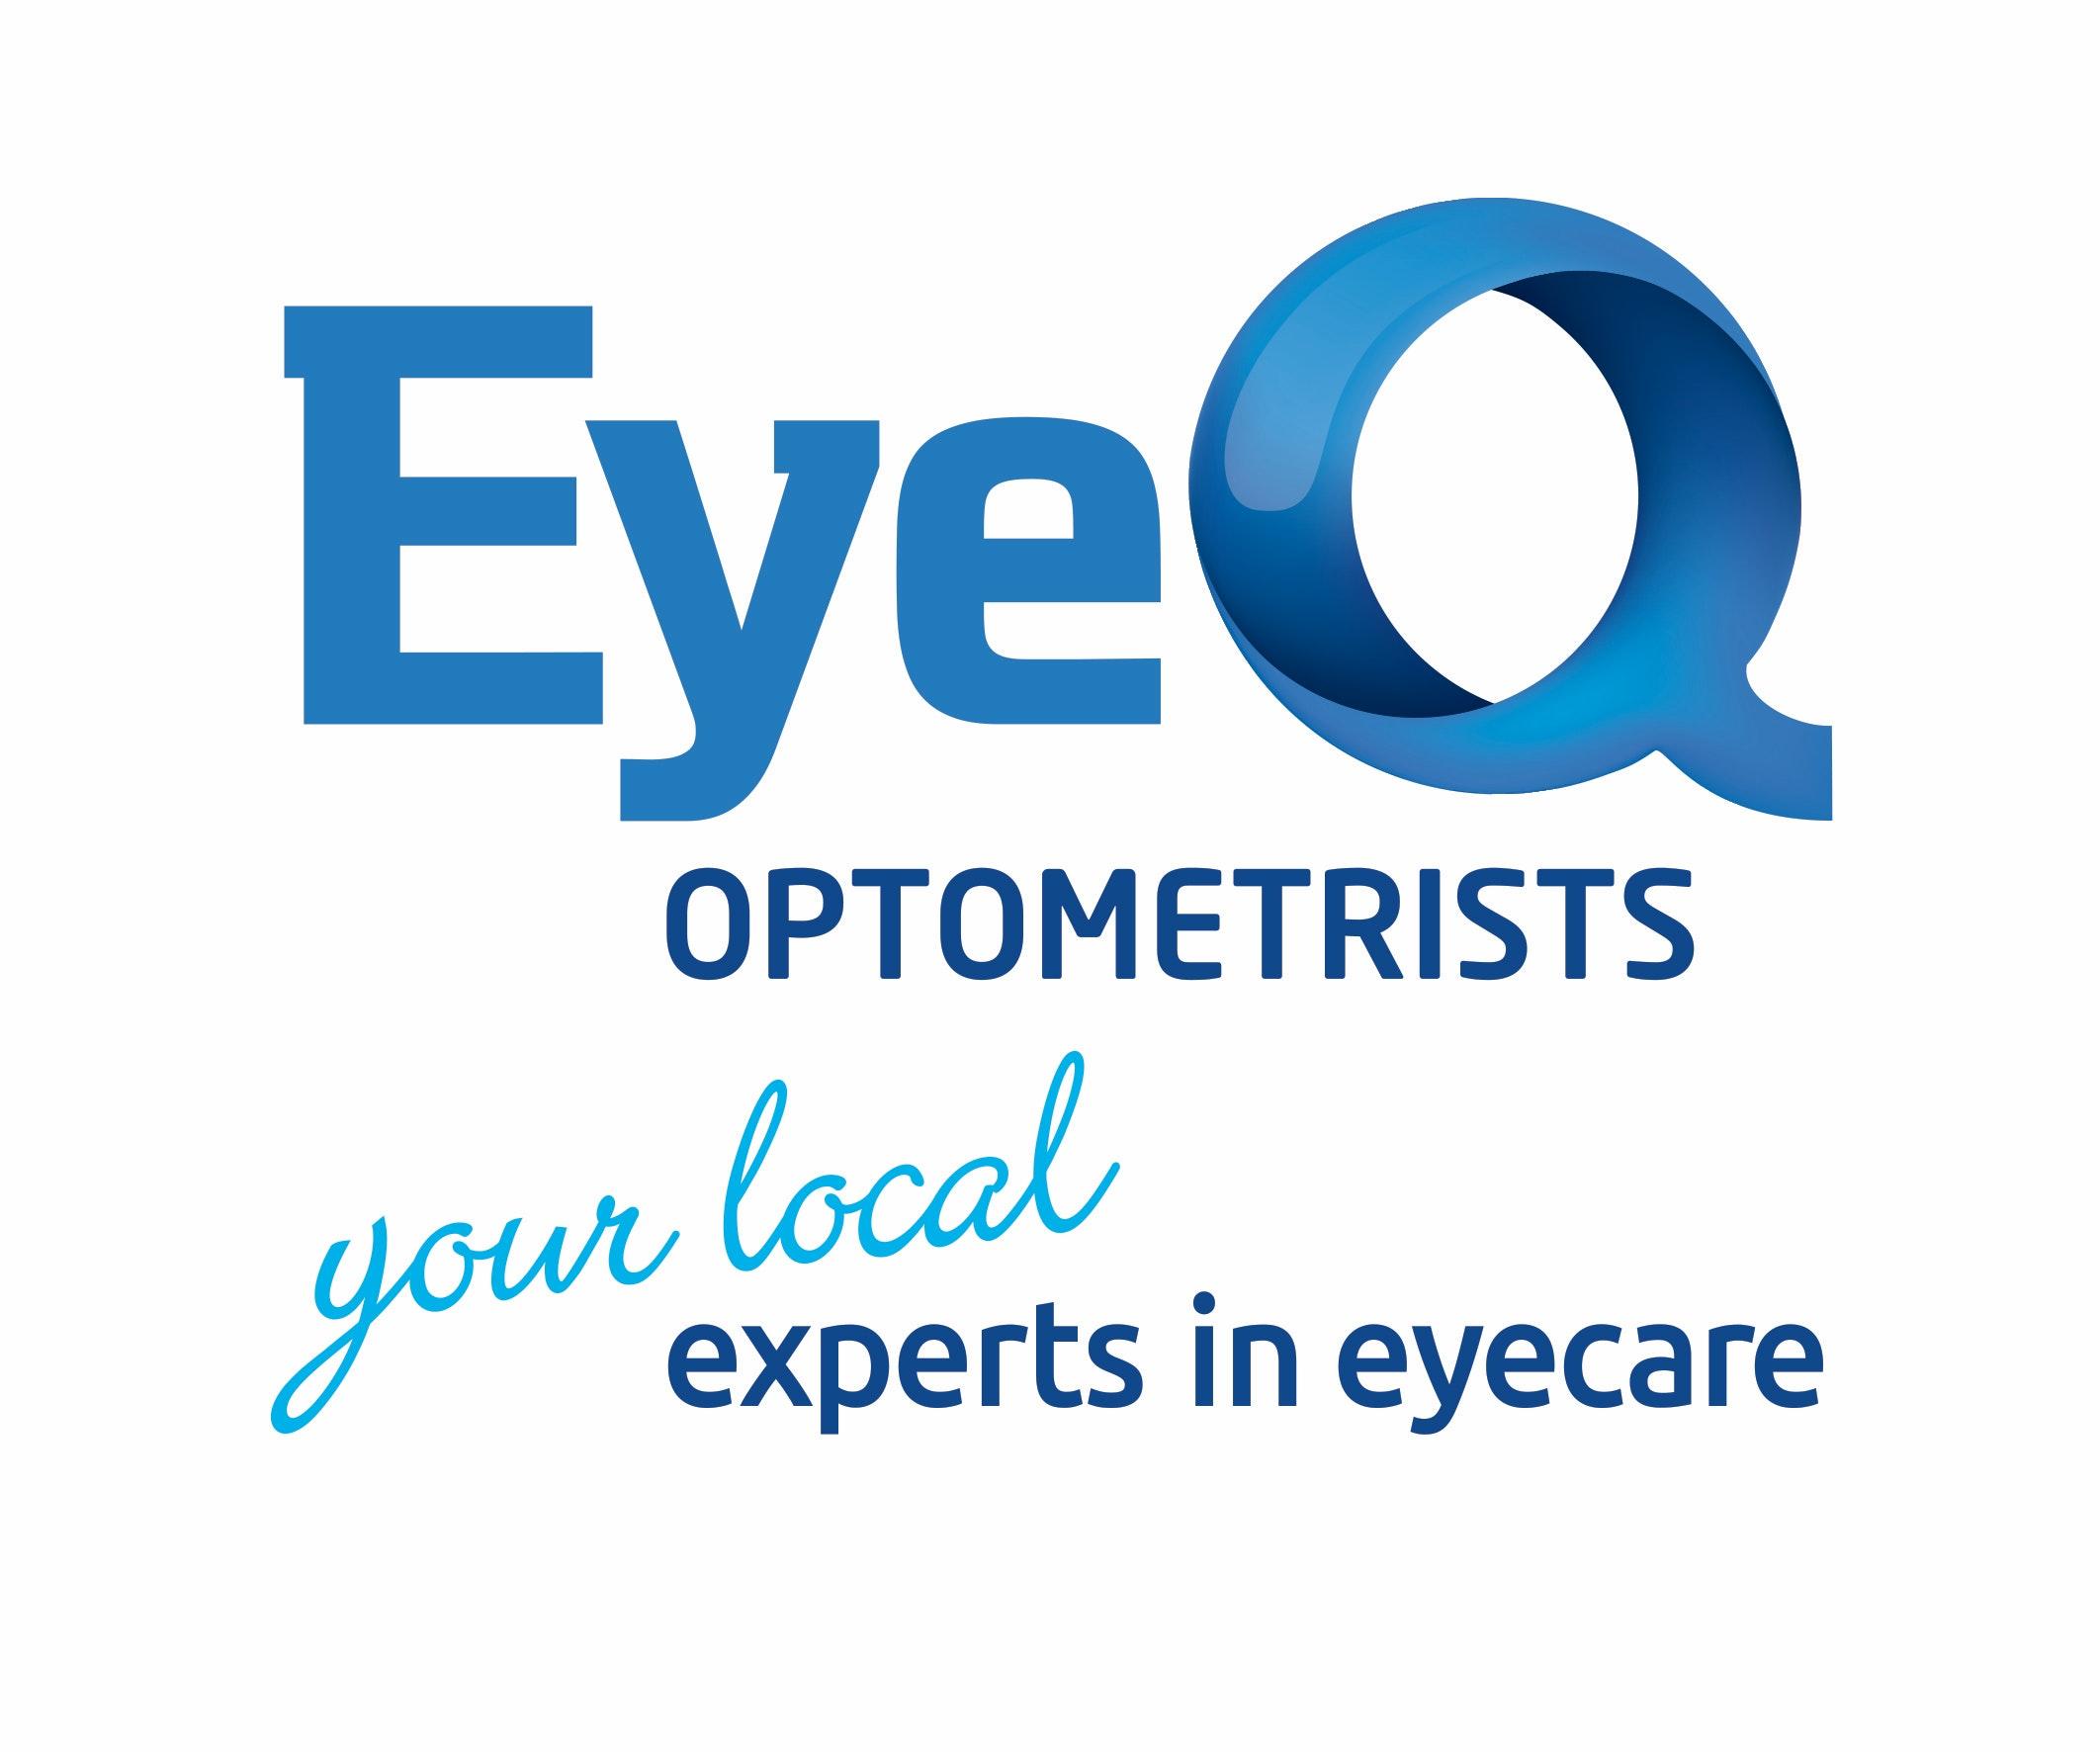 Tony Ireland EyeQ Optometrists Ulladulla